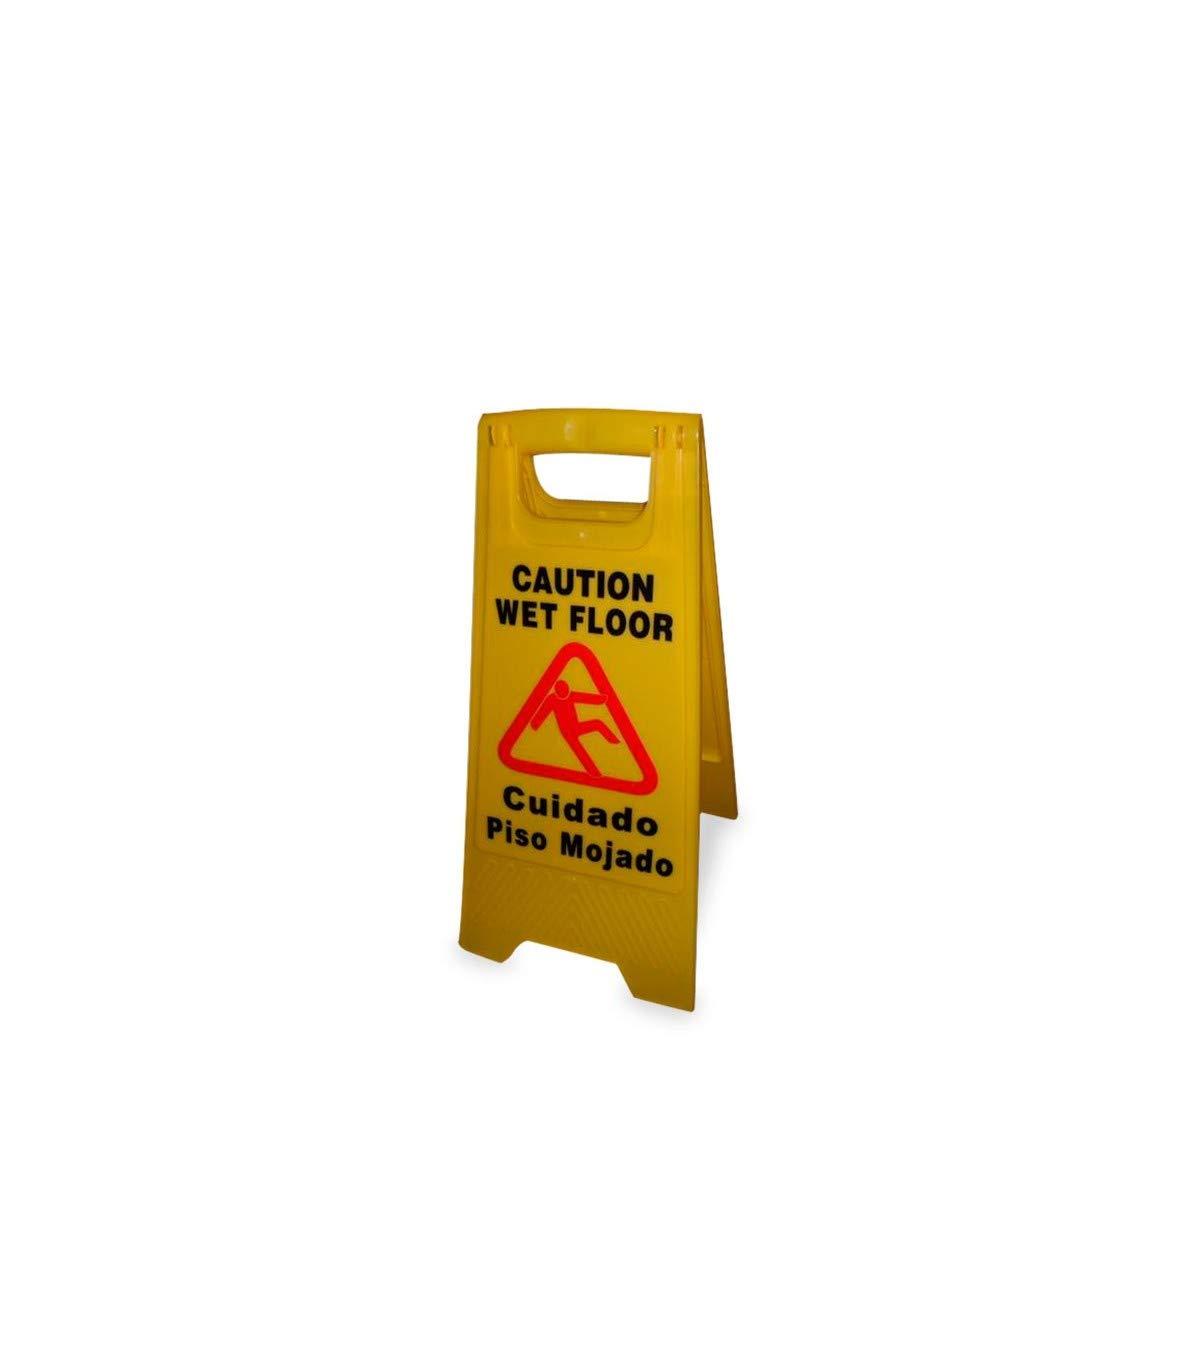 Cartel de advertencia suelo mojado, señal de aviso piso mojado